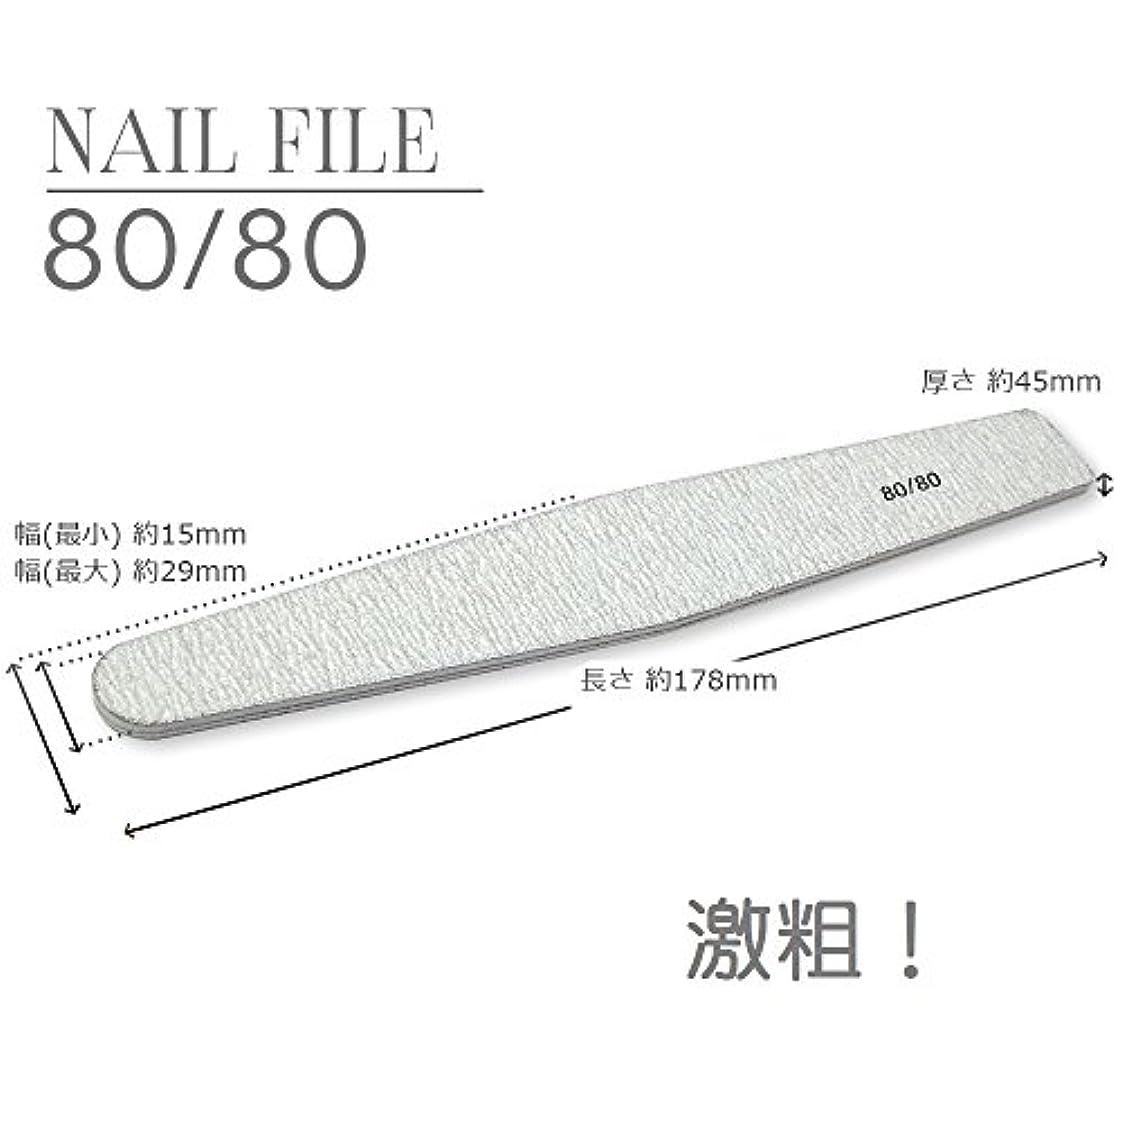 傷跡すずめ出版ネイルファイル【80/80】激粗 1本 ★ガリガリ削れます!